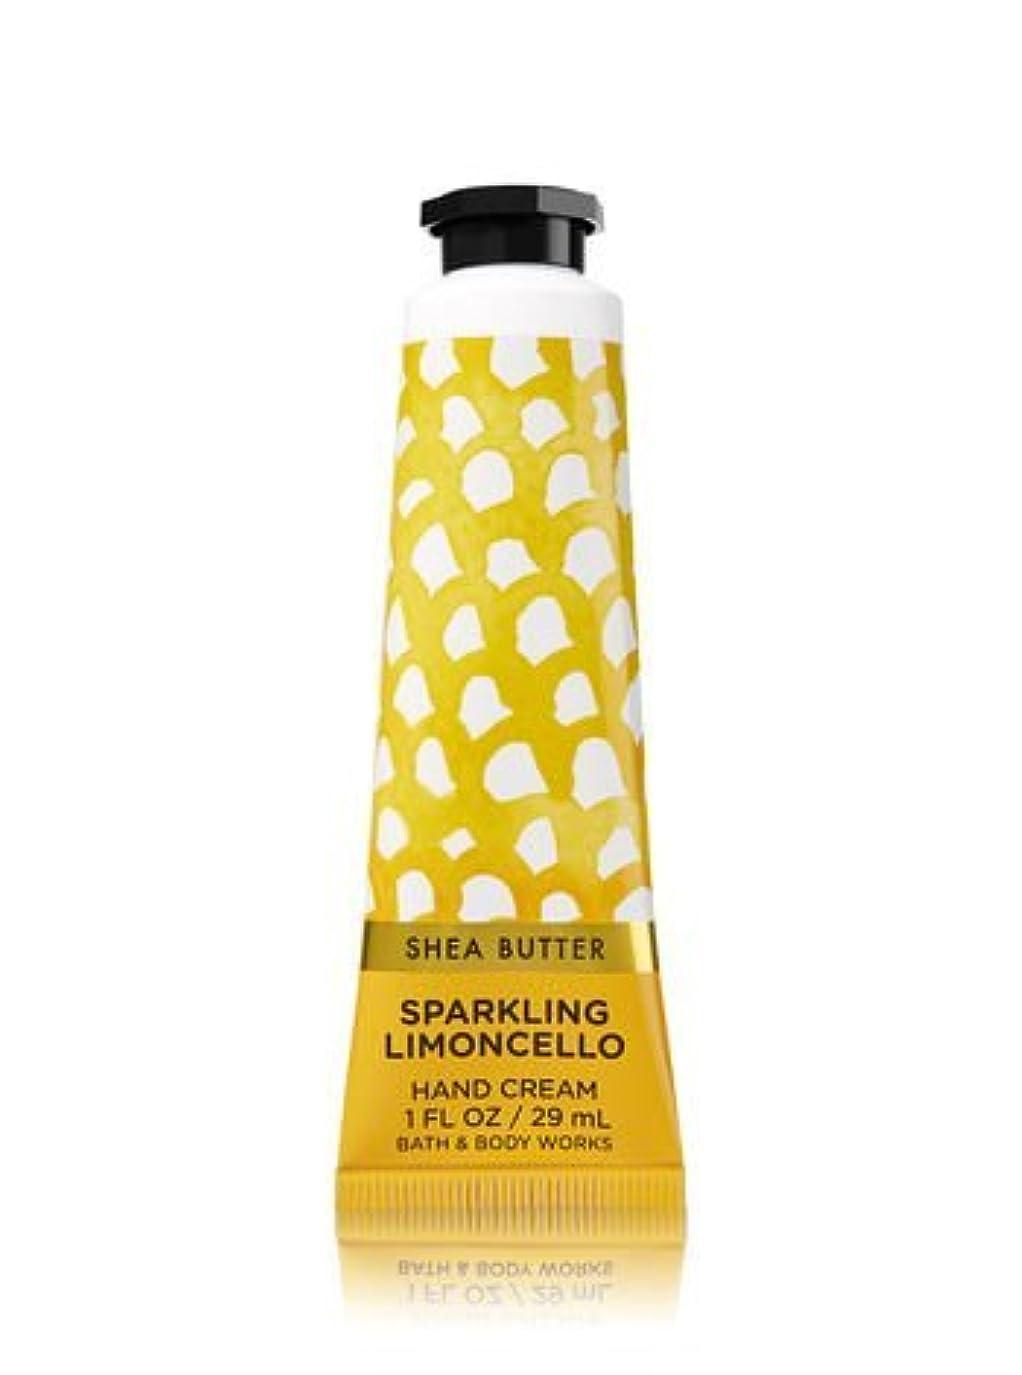 重要座る多様体【Bath&Body Works/バス&ボディワークス】 シアバター ハンドクリーム スパークリングリモンチェッロ Shea Butter Hand Cream Sparkling Limoncello 1 fl oz...